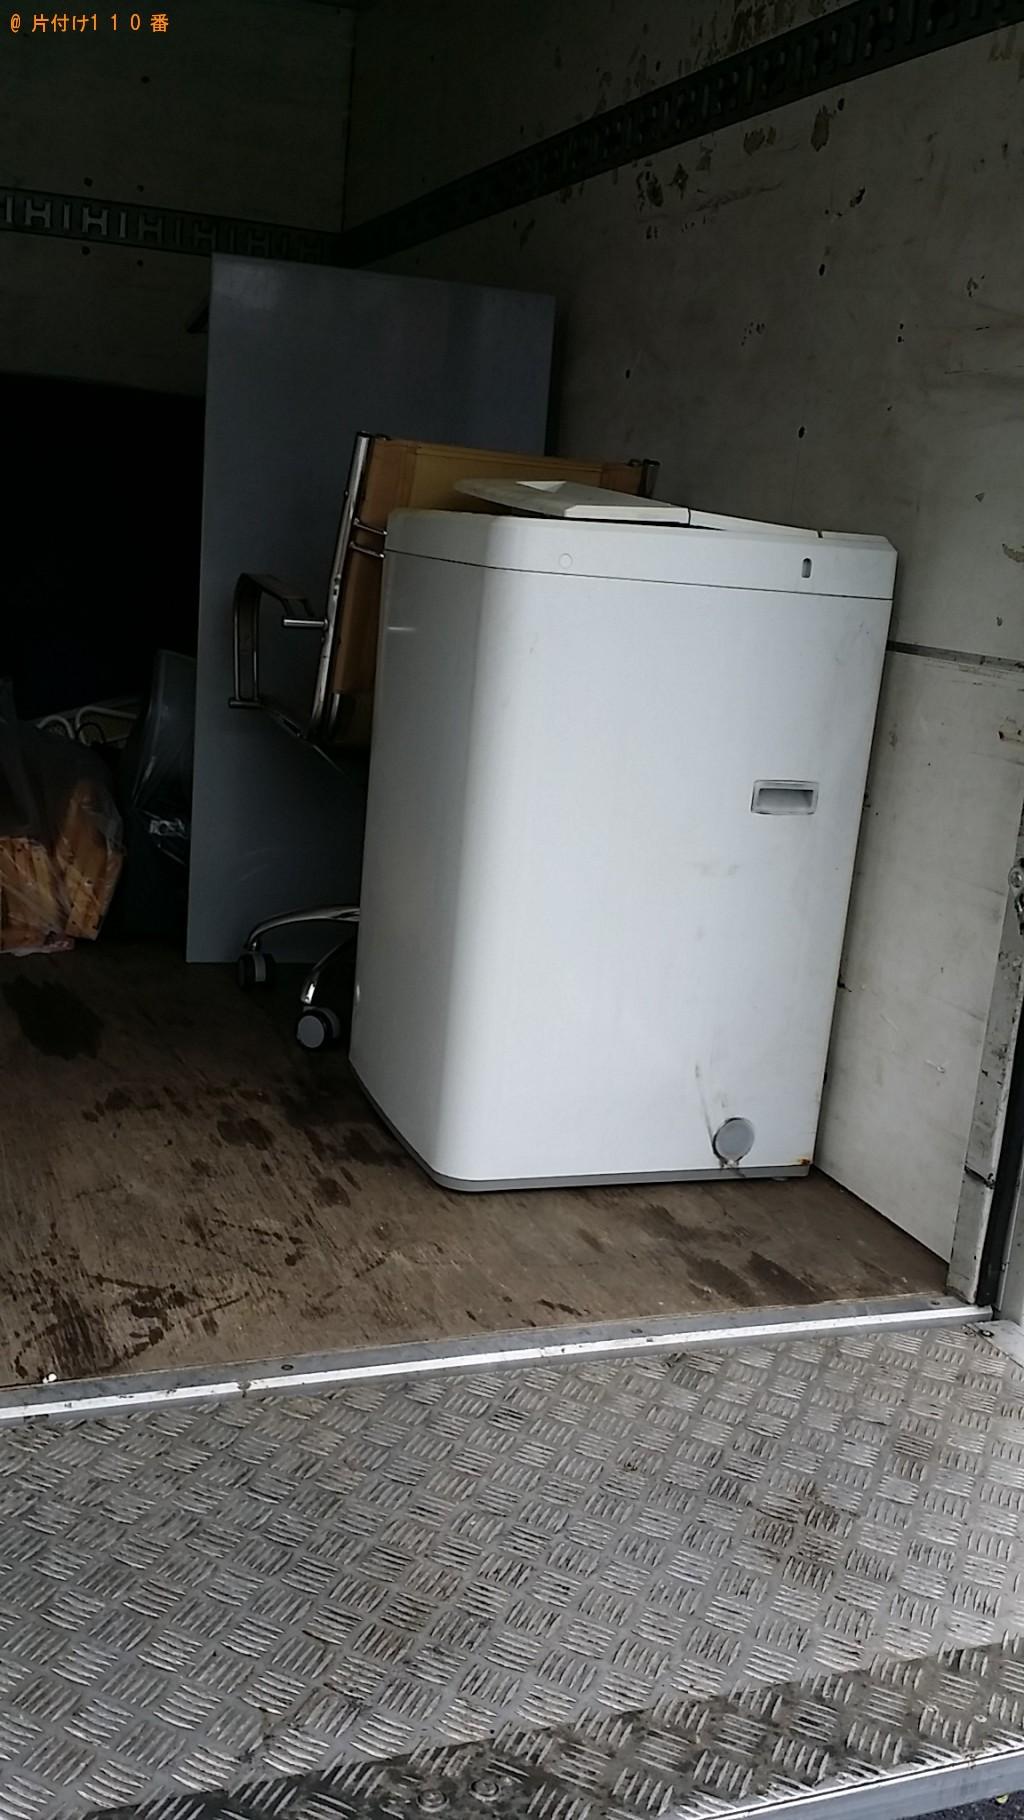 【南九州市】洗濯機の出張回収・処分ご依頼 お客様の声